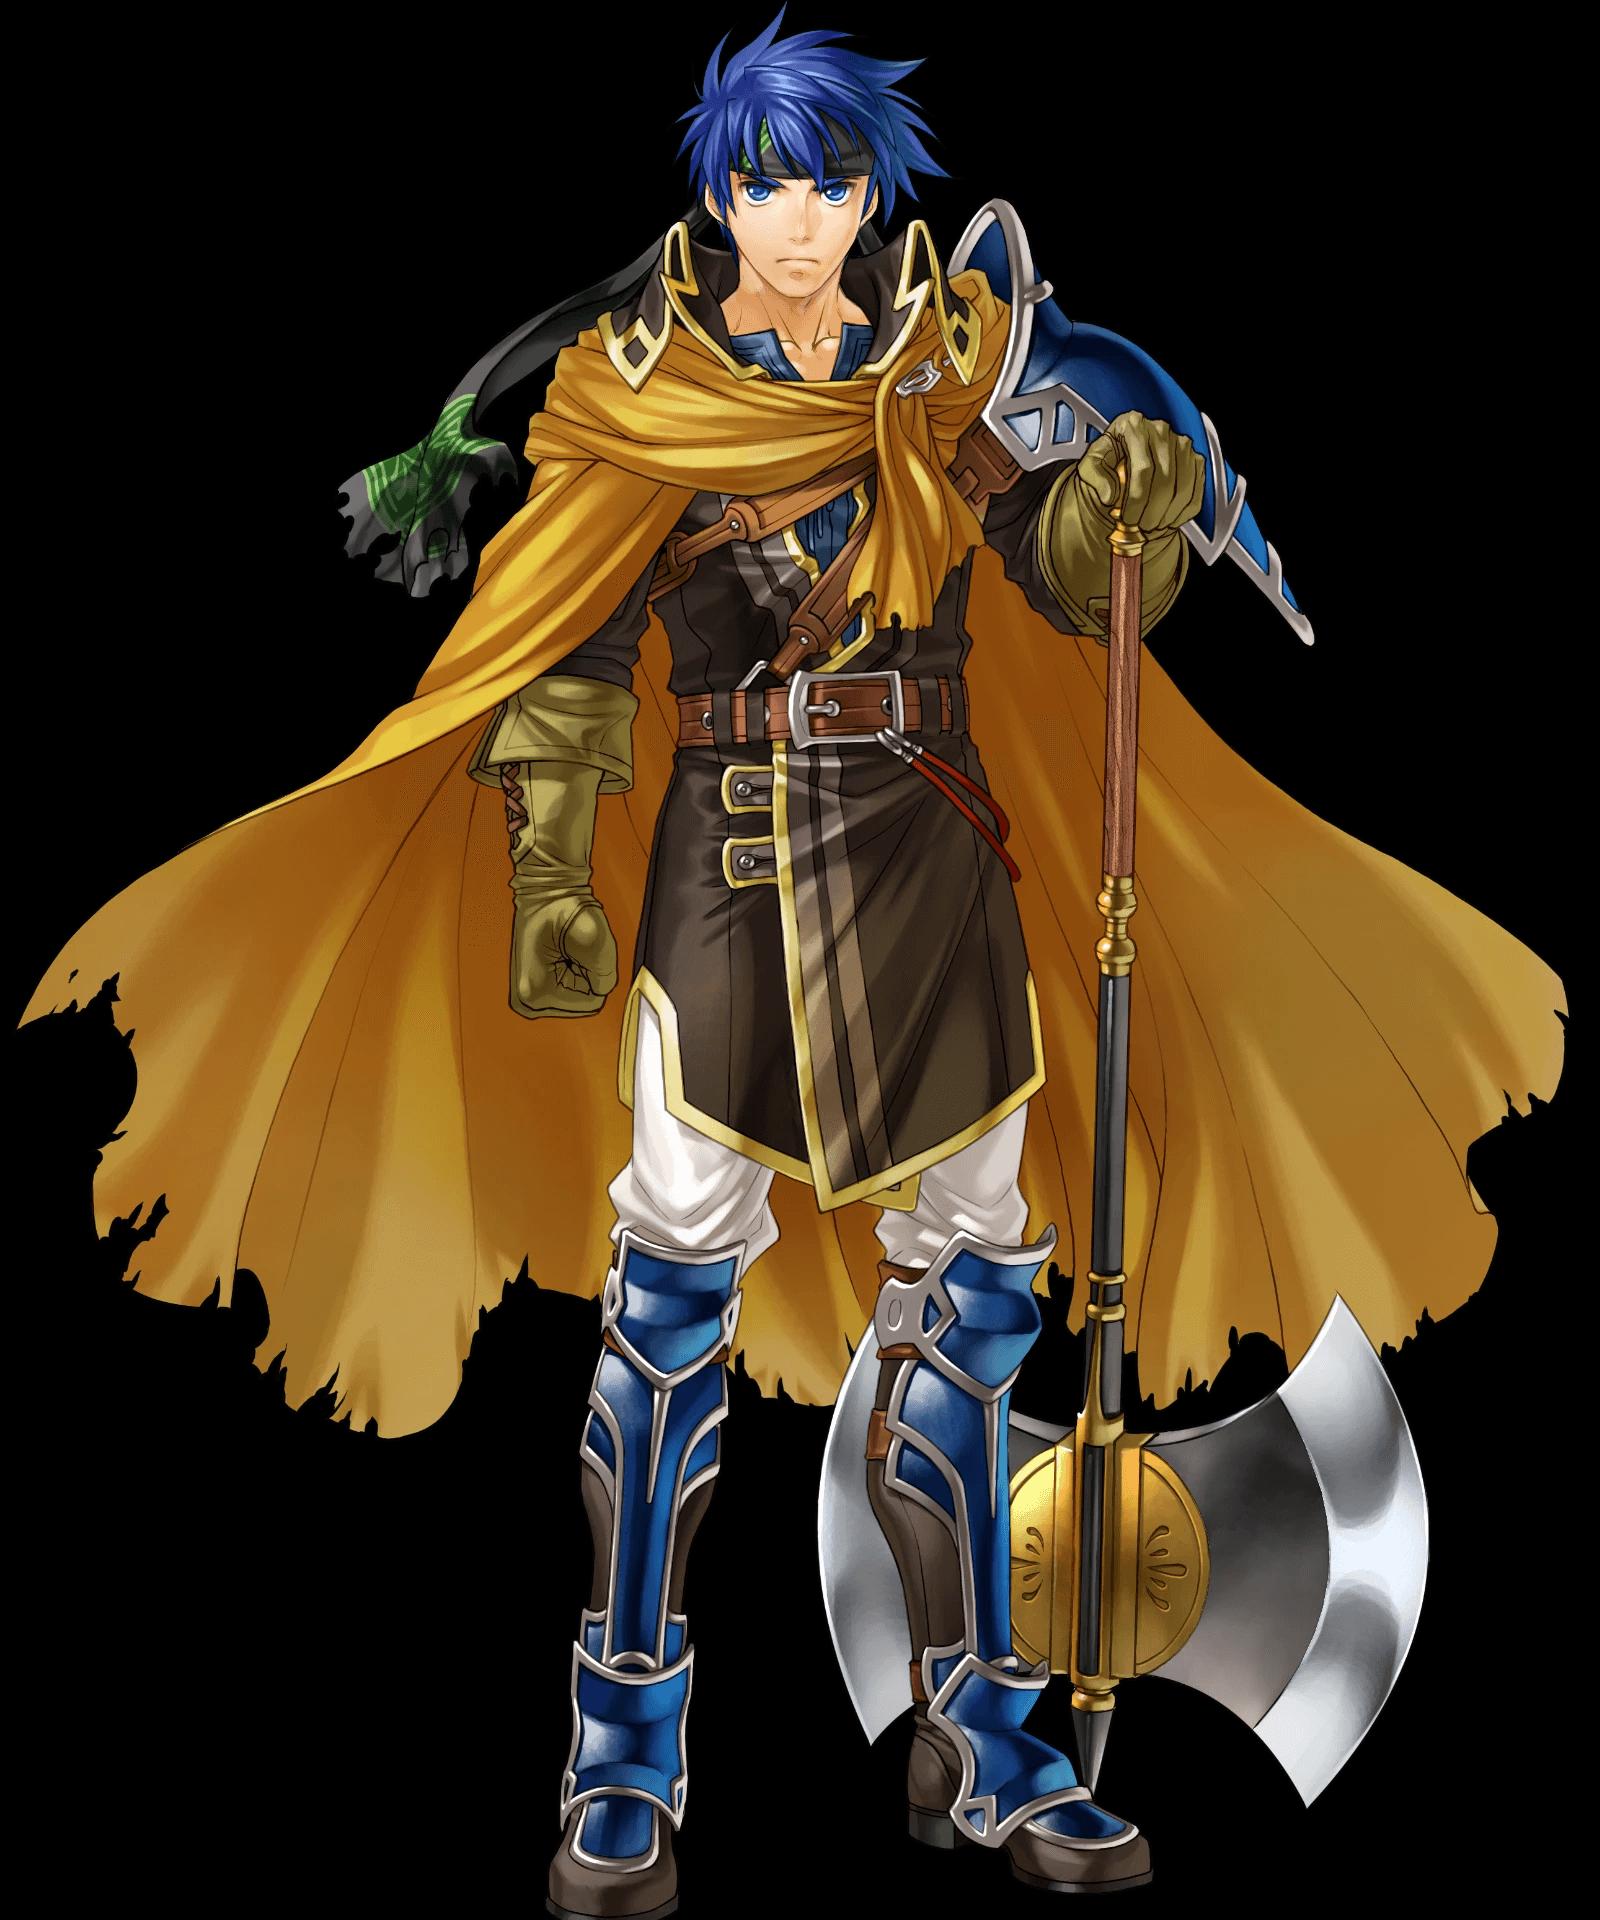 Fe Heroes Iv Calculator >> Brave Ike | Fire Emblem Heroes Wiki - GamePress